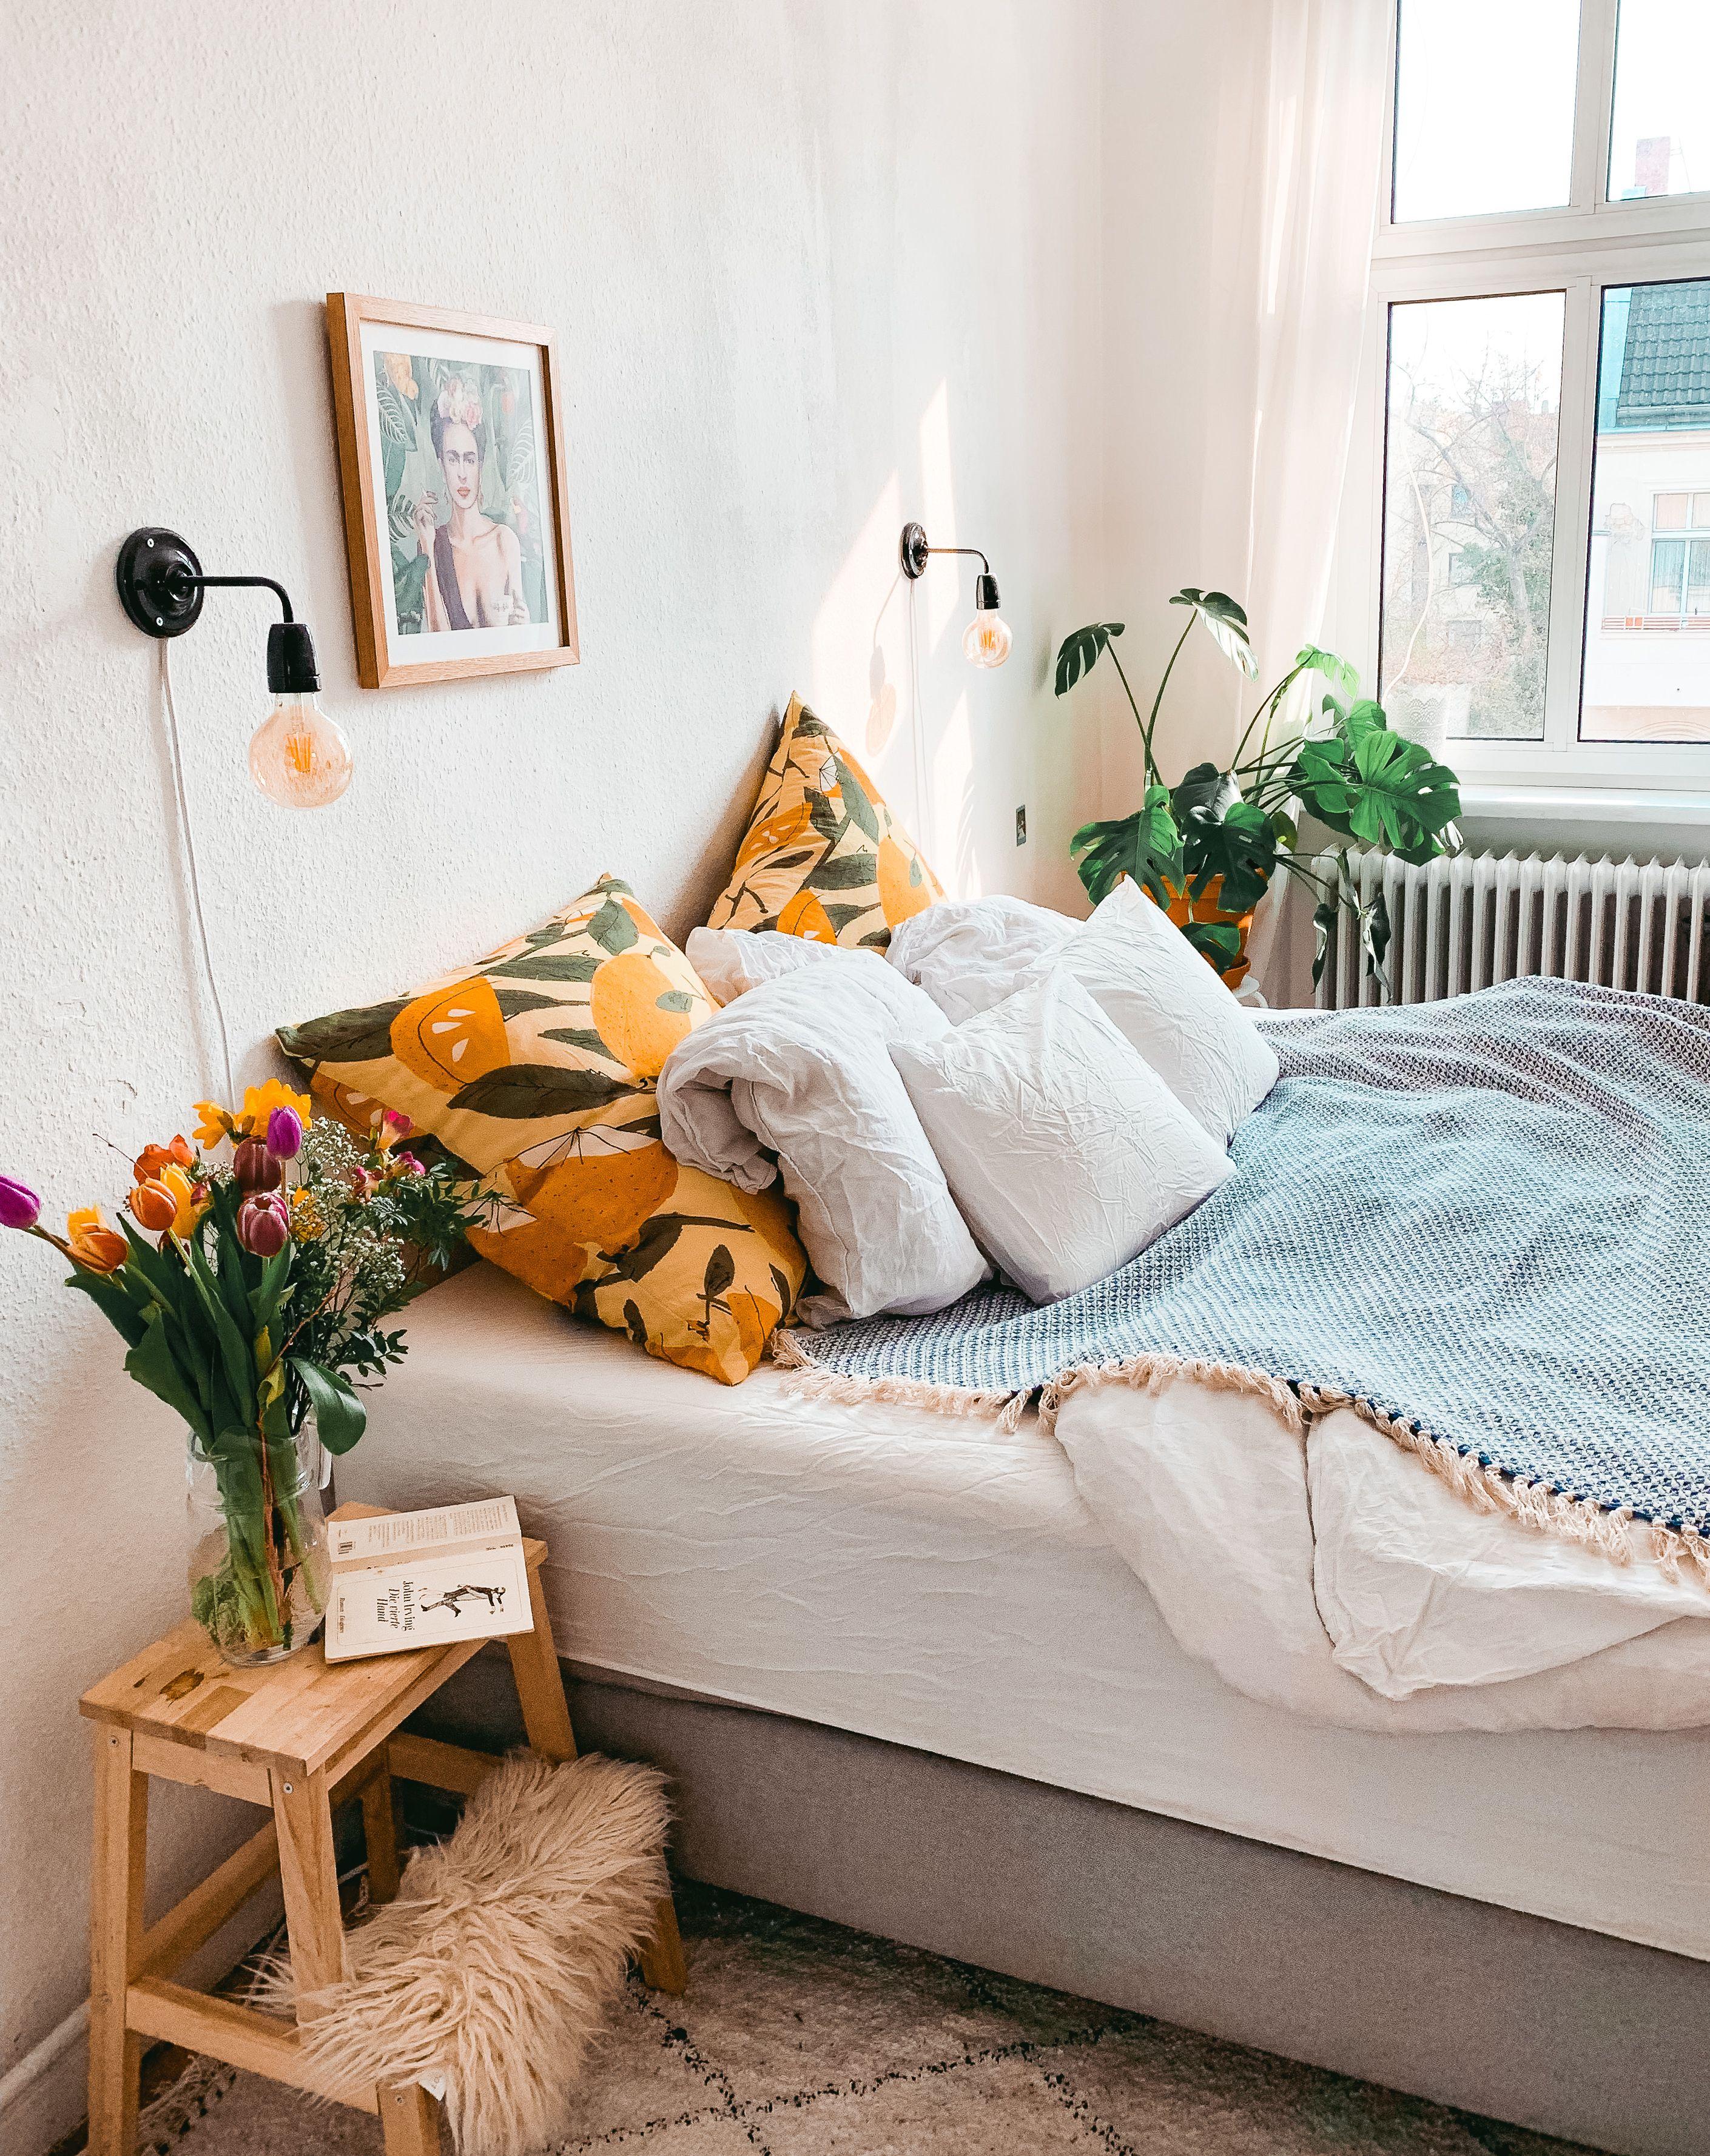 3 Dinge, die dein Schlafzimmer zum Hygge-Himmel machen - fridlaa